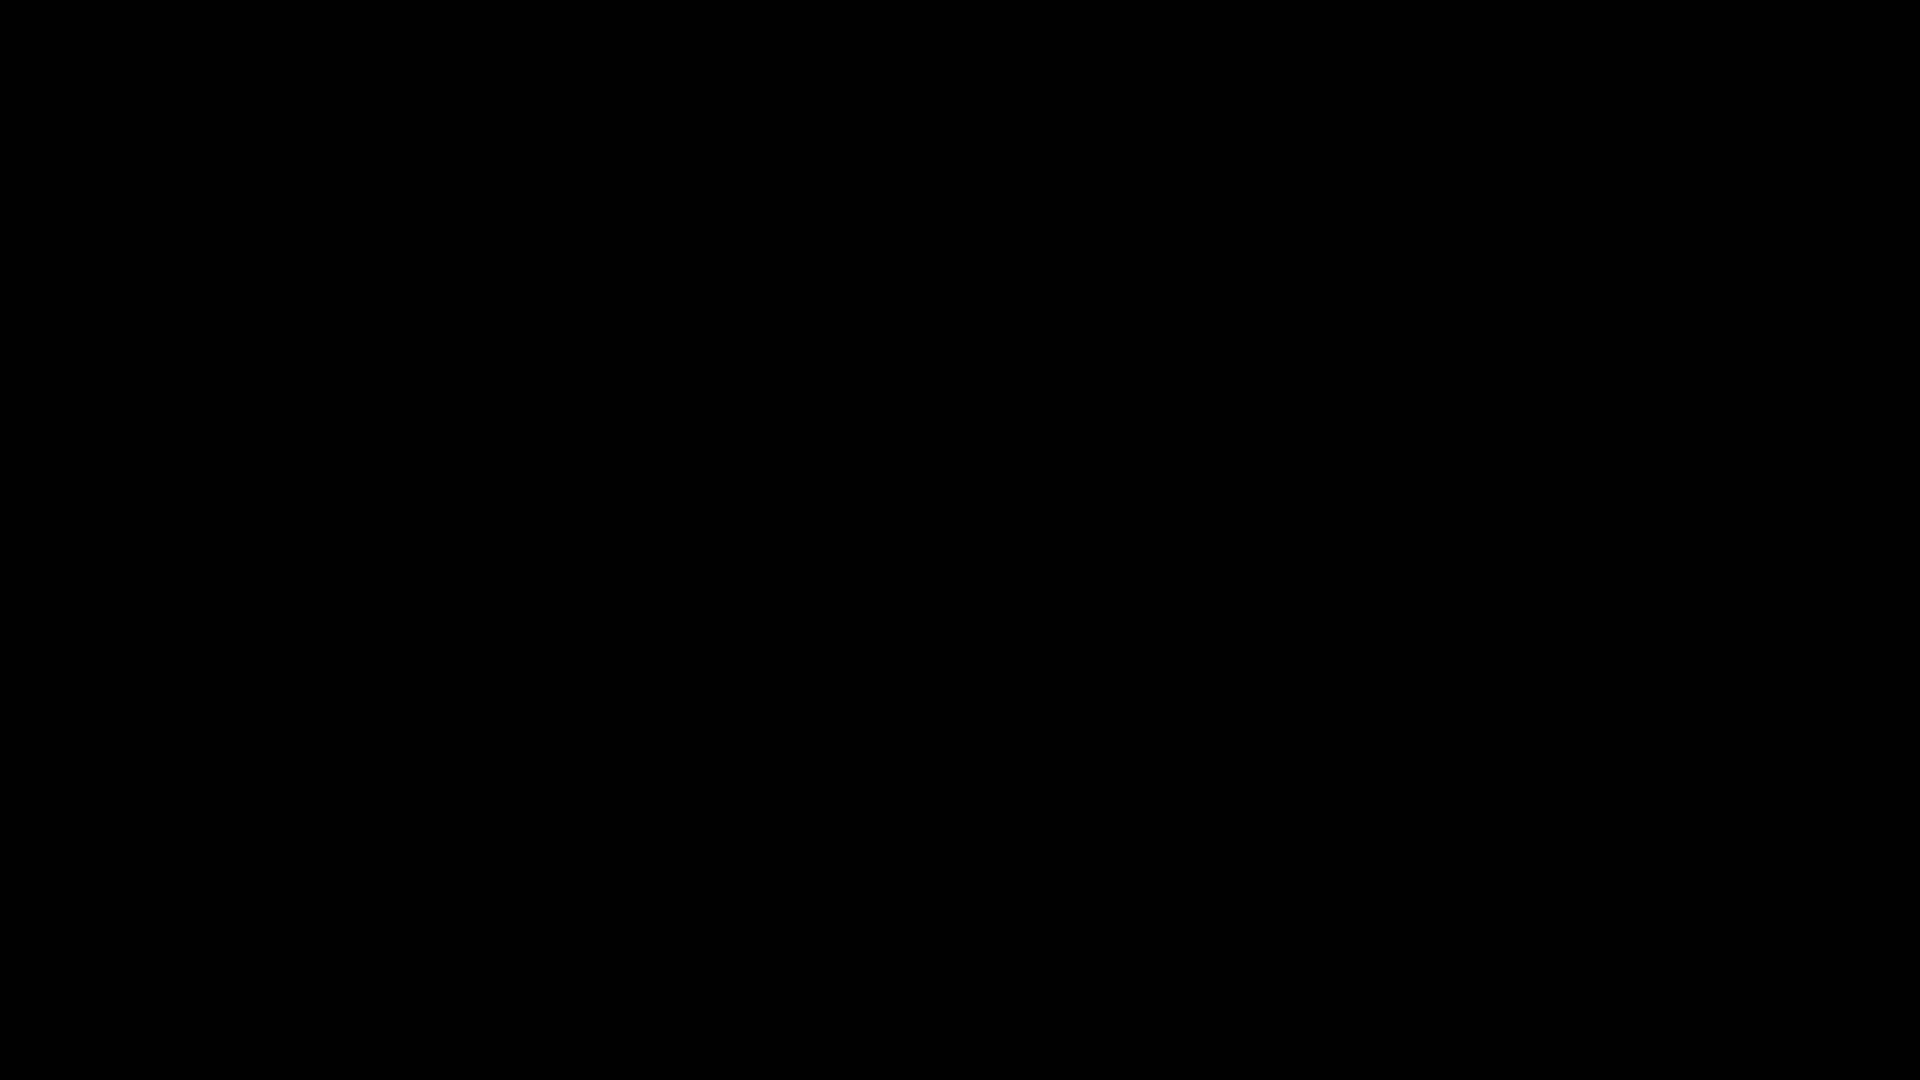 病院おもいっきり着替え! vol.281 盗撮 オマンコ無修正動画無料 65PIX 3